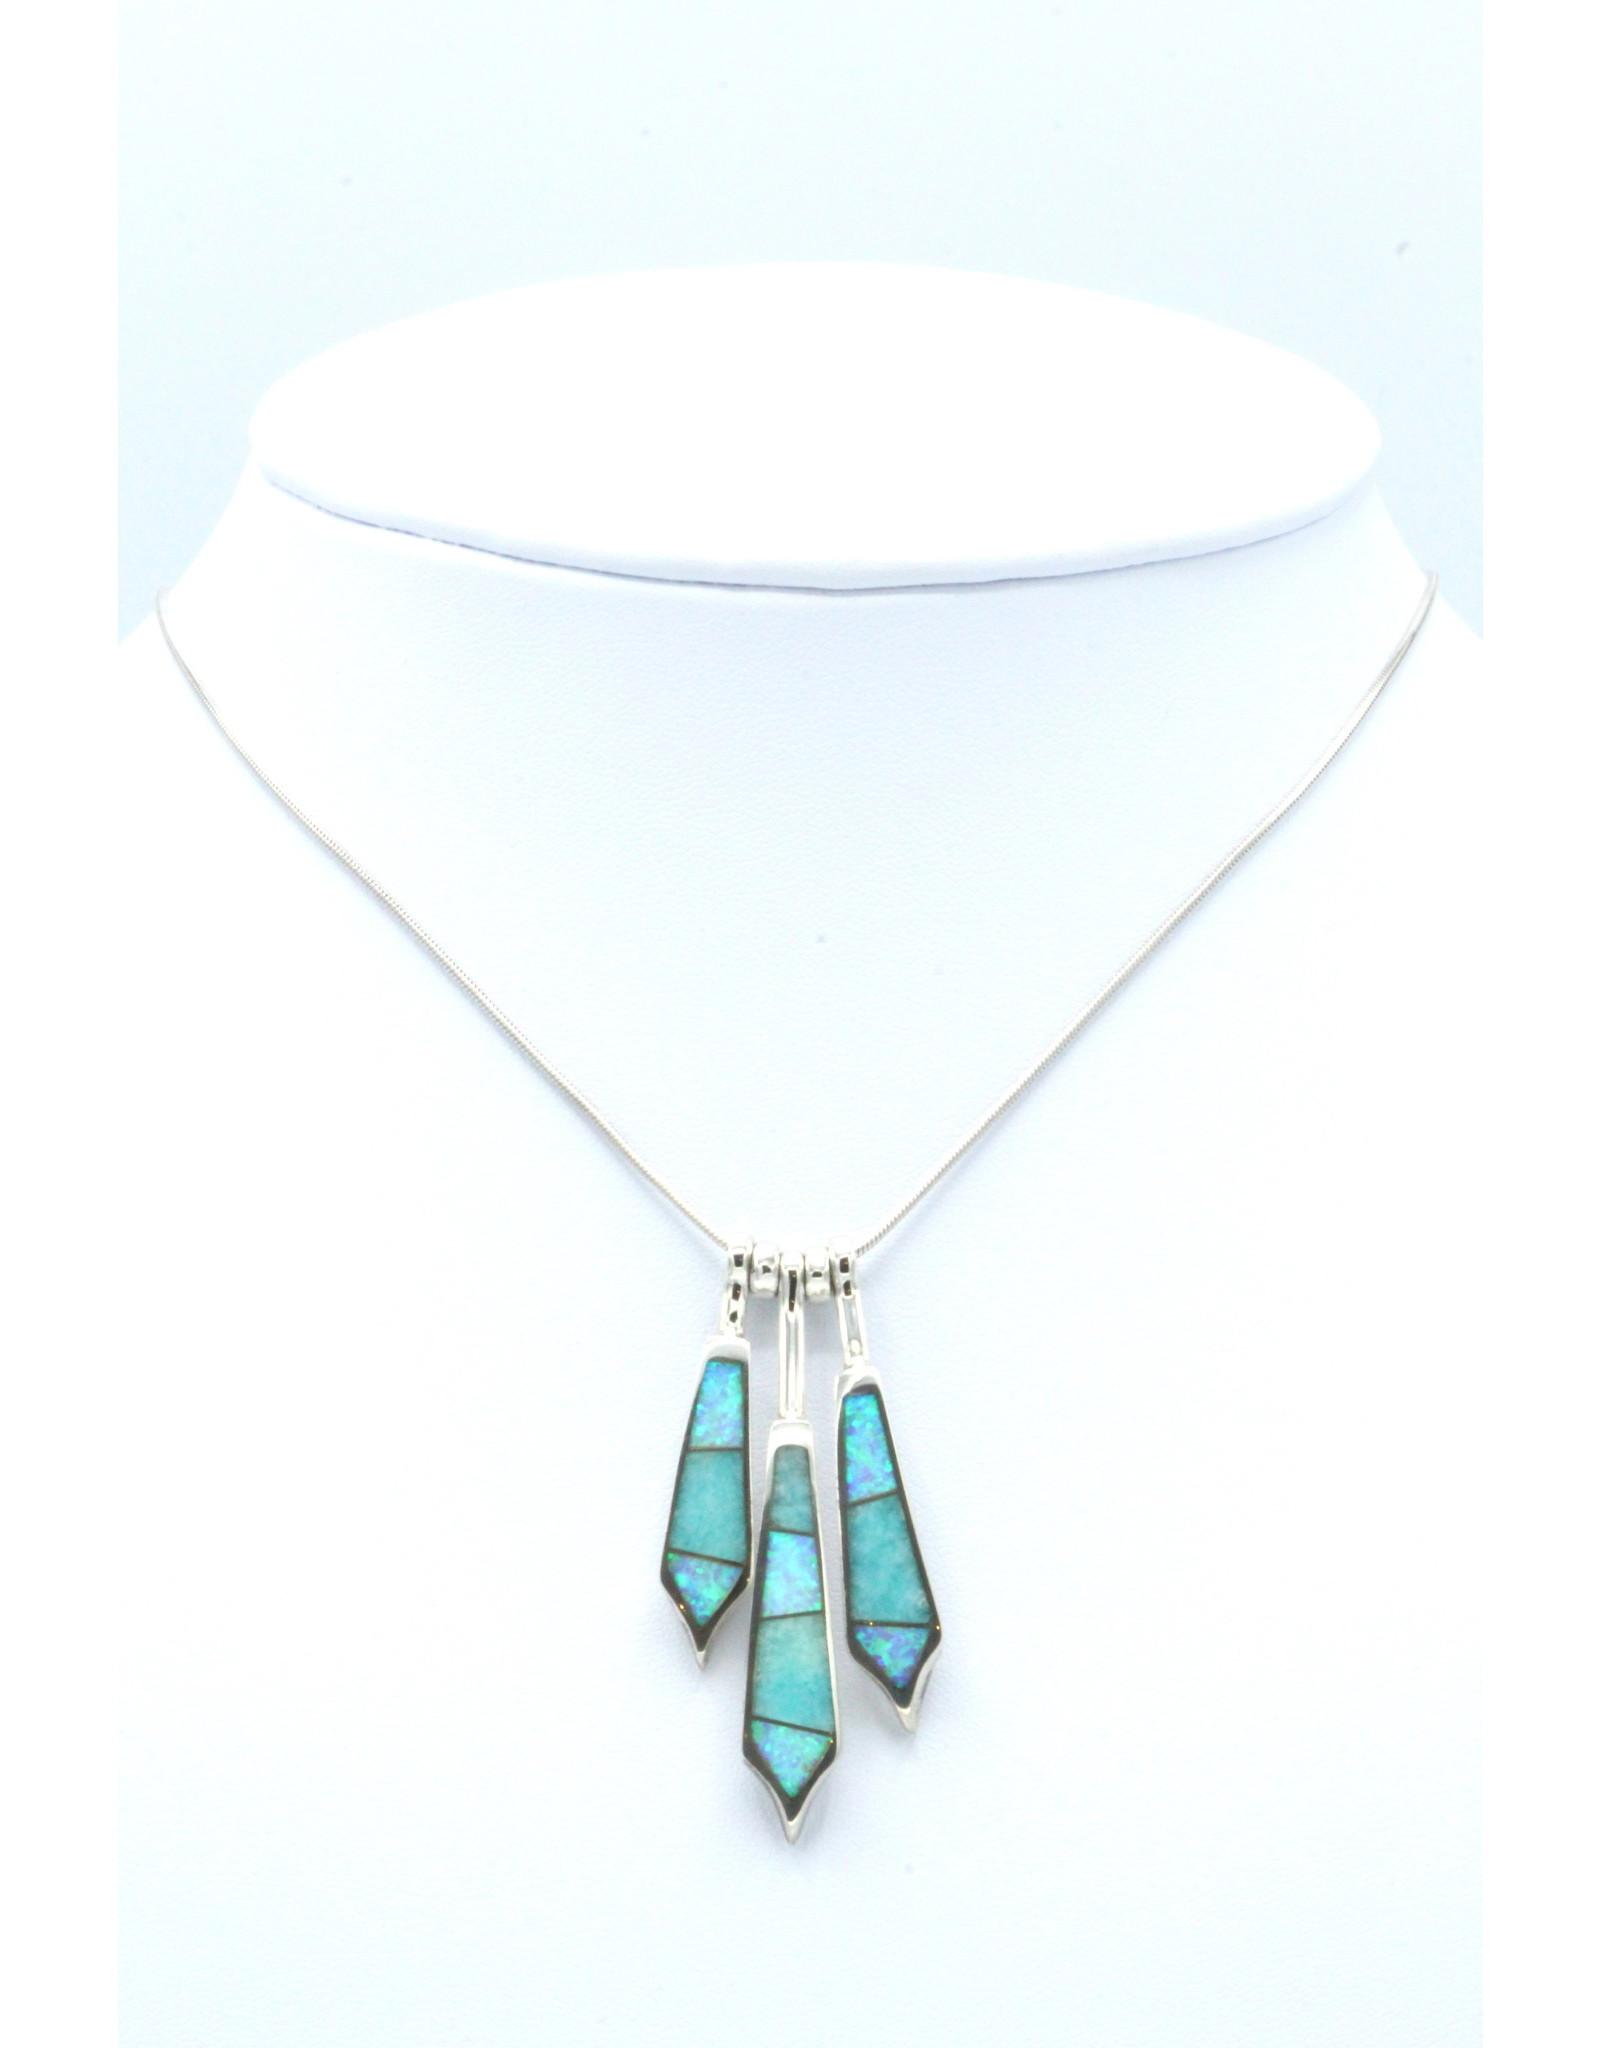 Navajo Necklace - N012-4